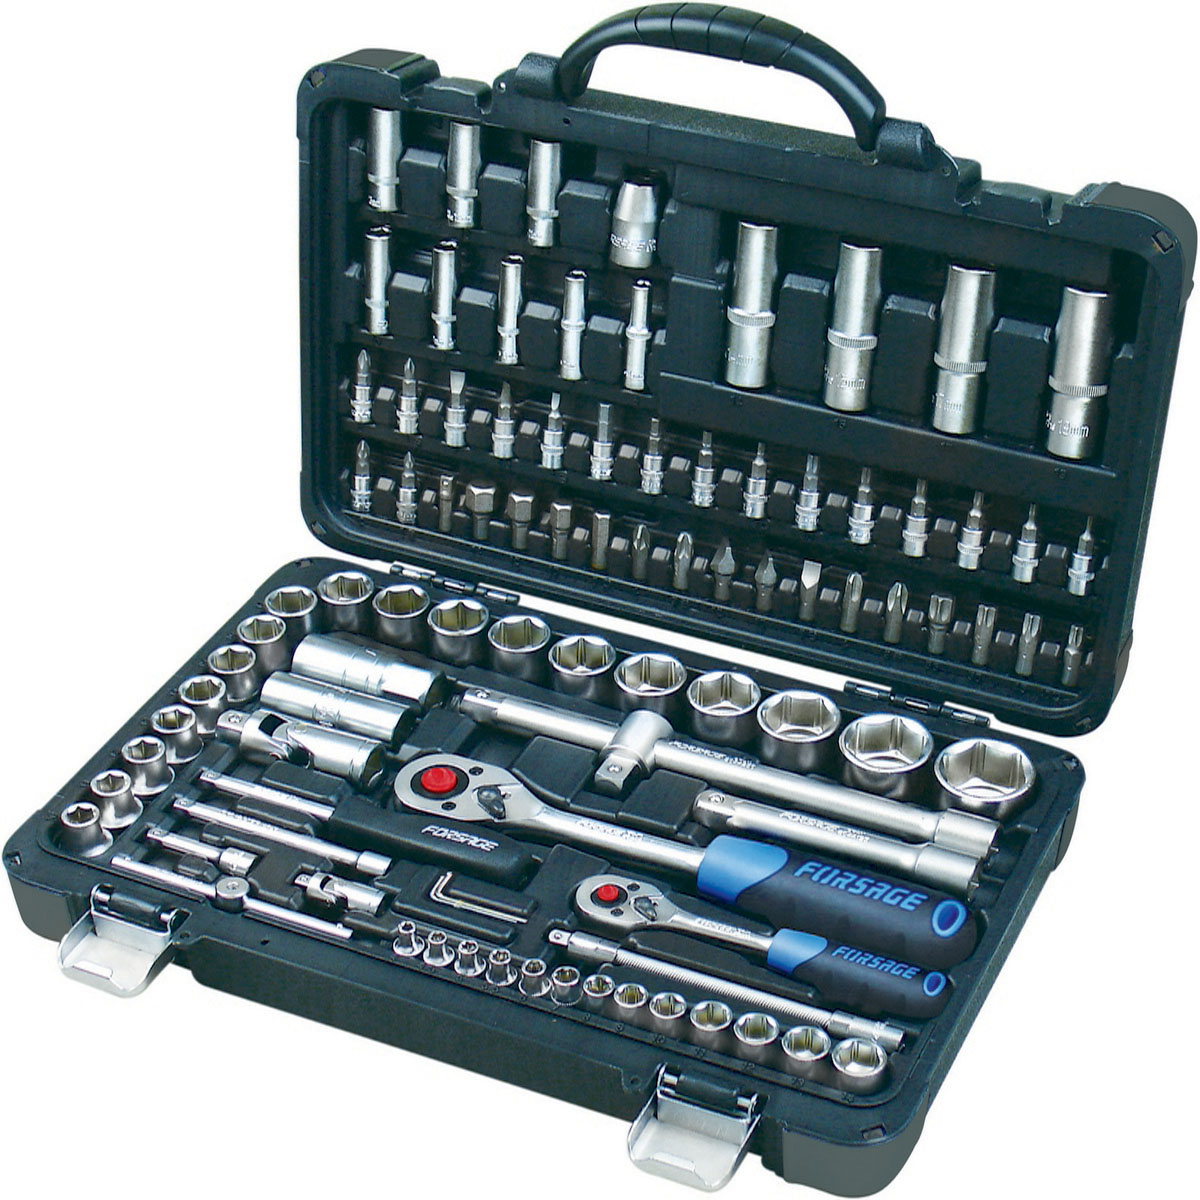 Набор инструментов универсальный Forsage, 94 предмета. 4941-5 набор головок forsage 16 предметов 4161 5